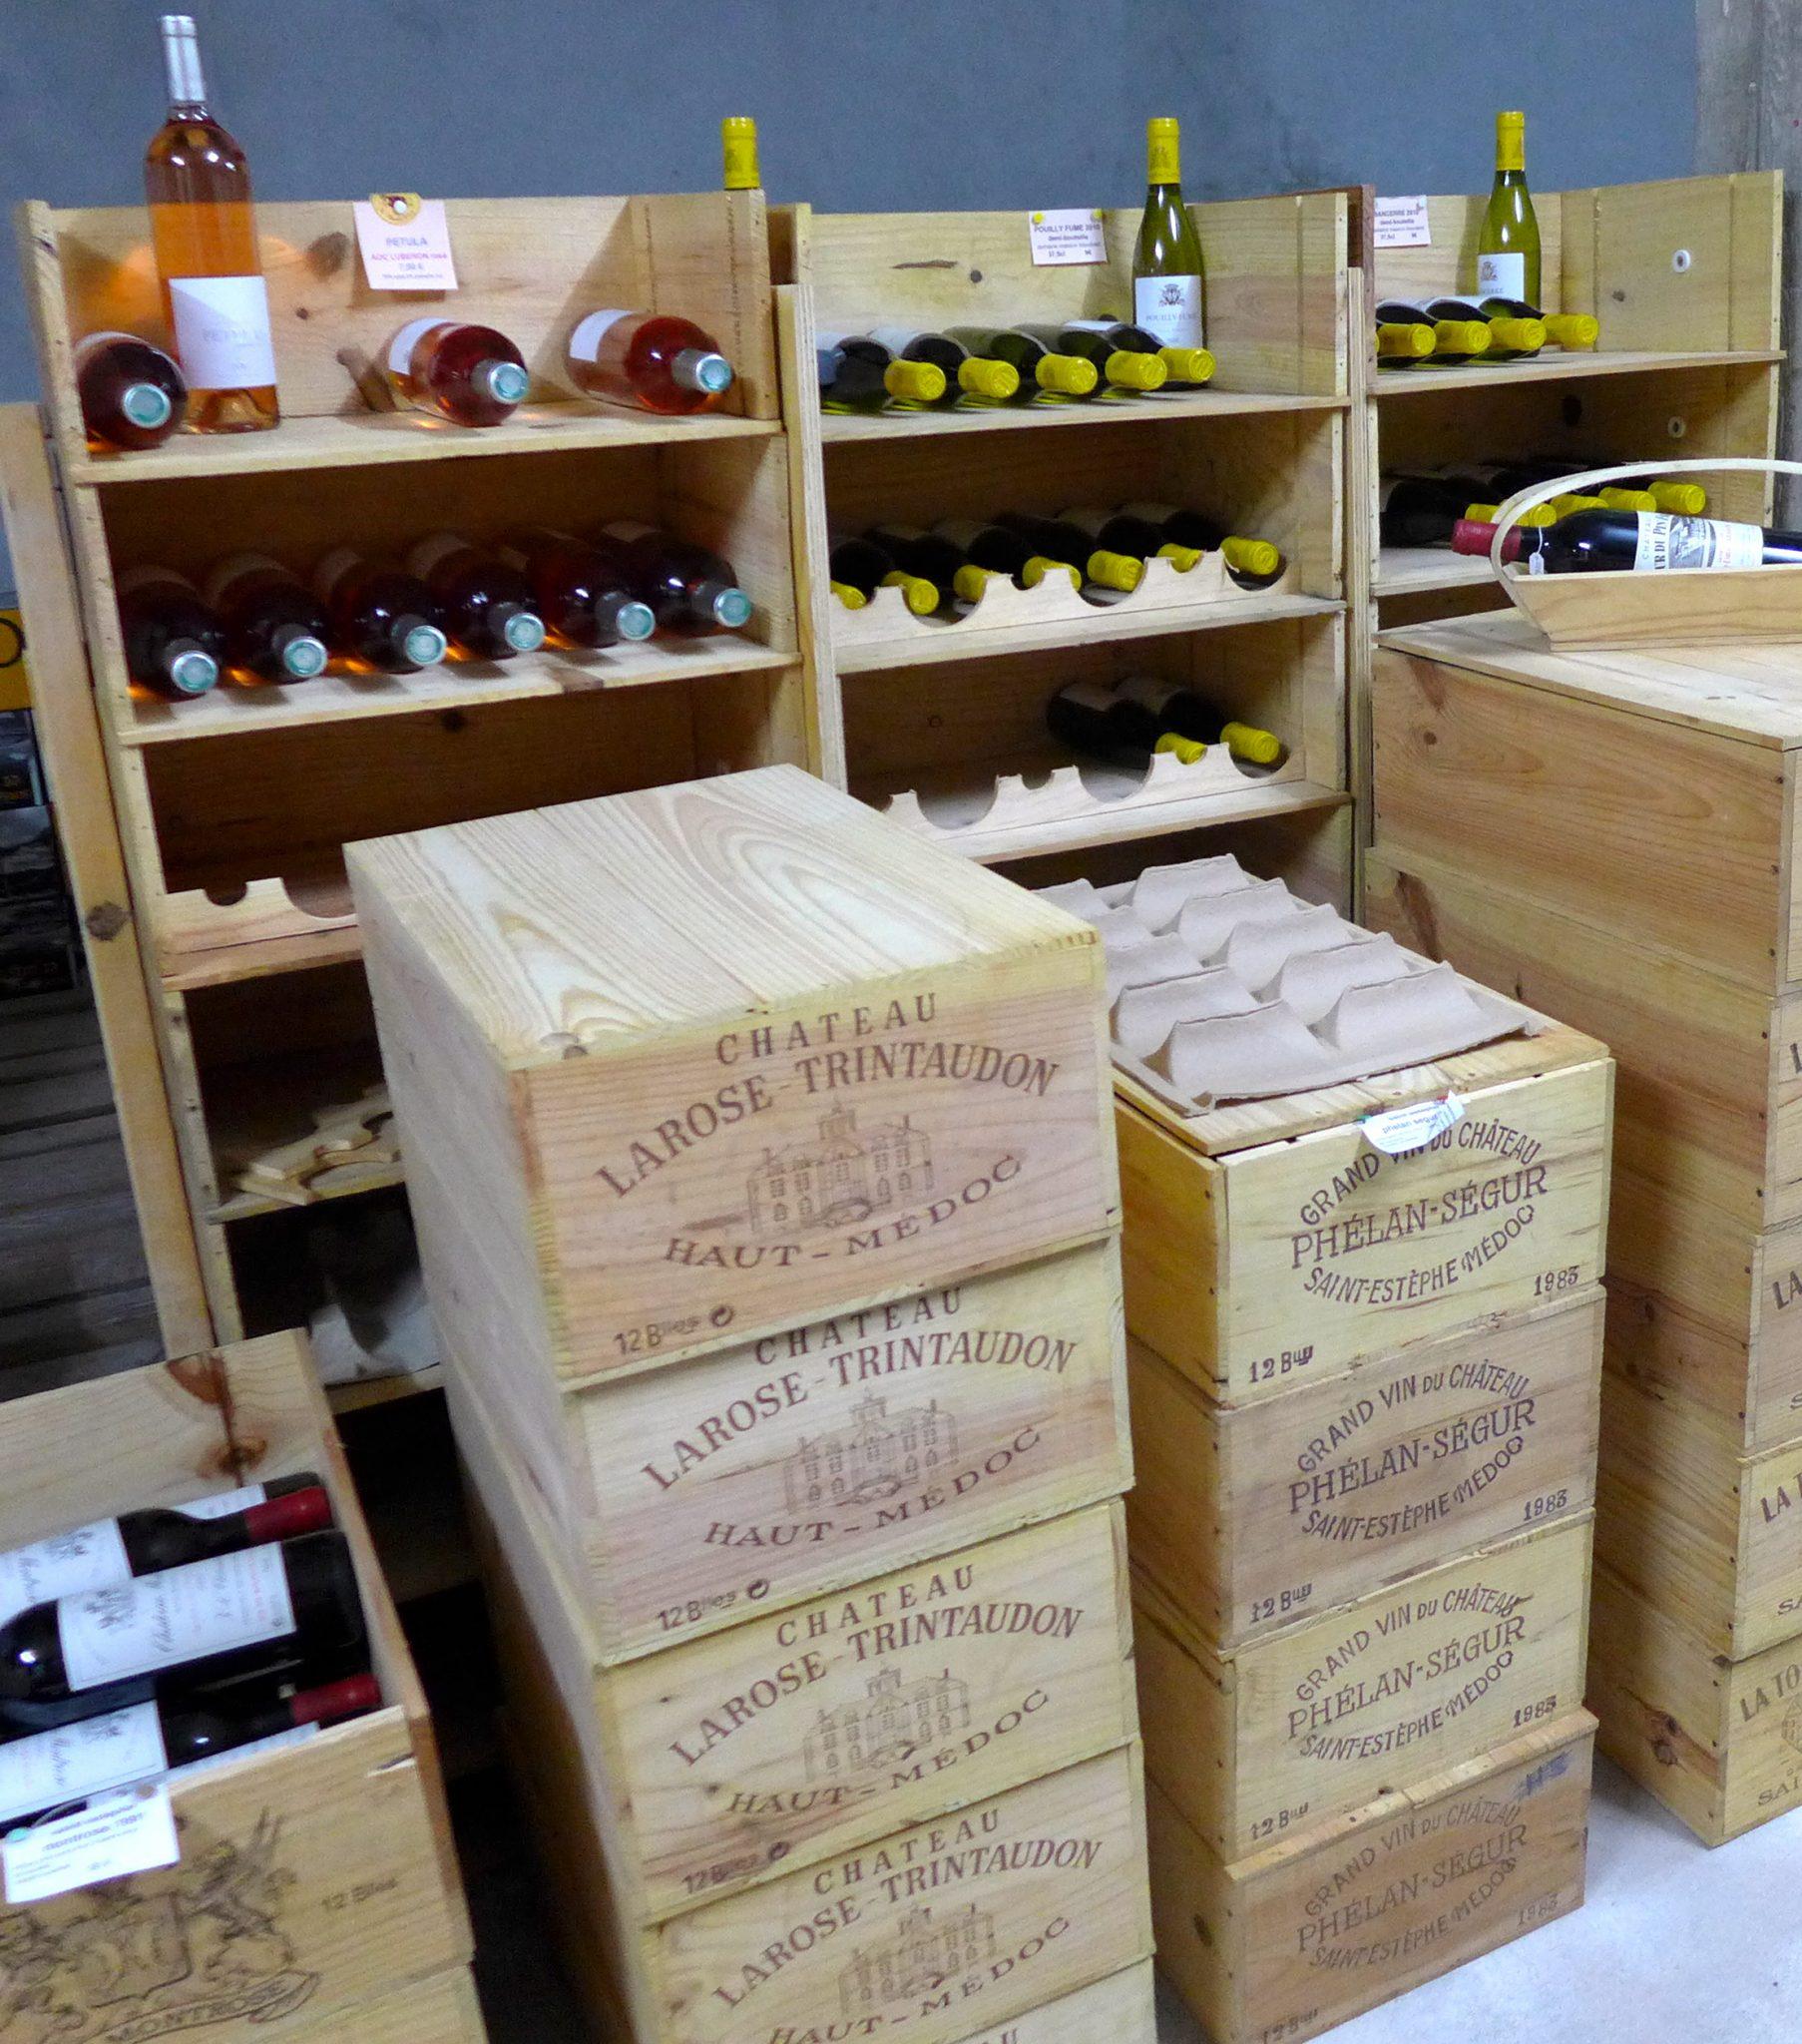 St. Barts wine